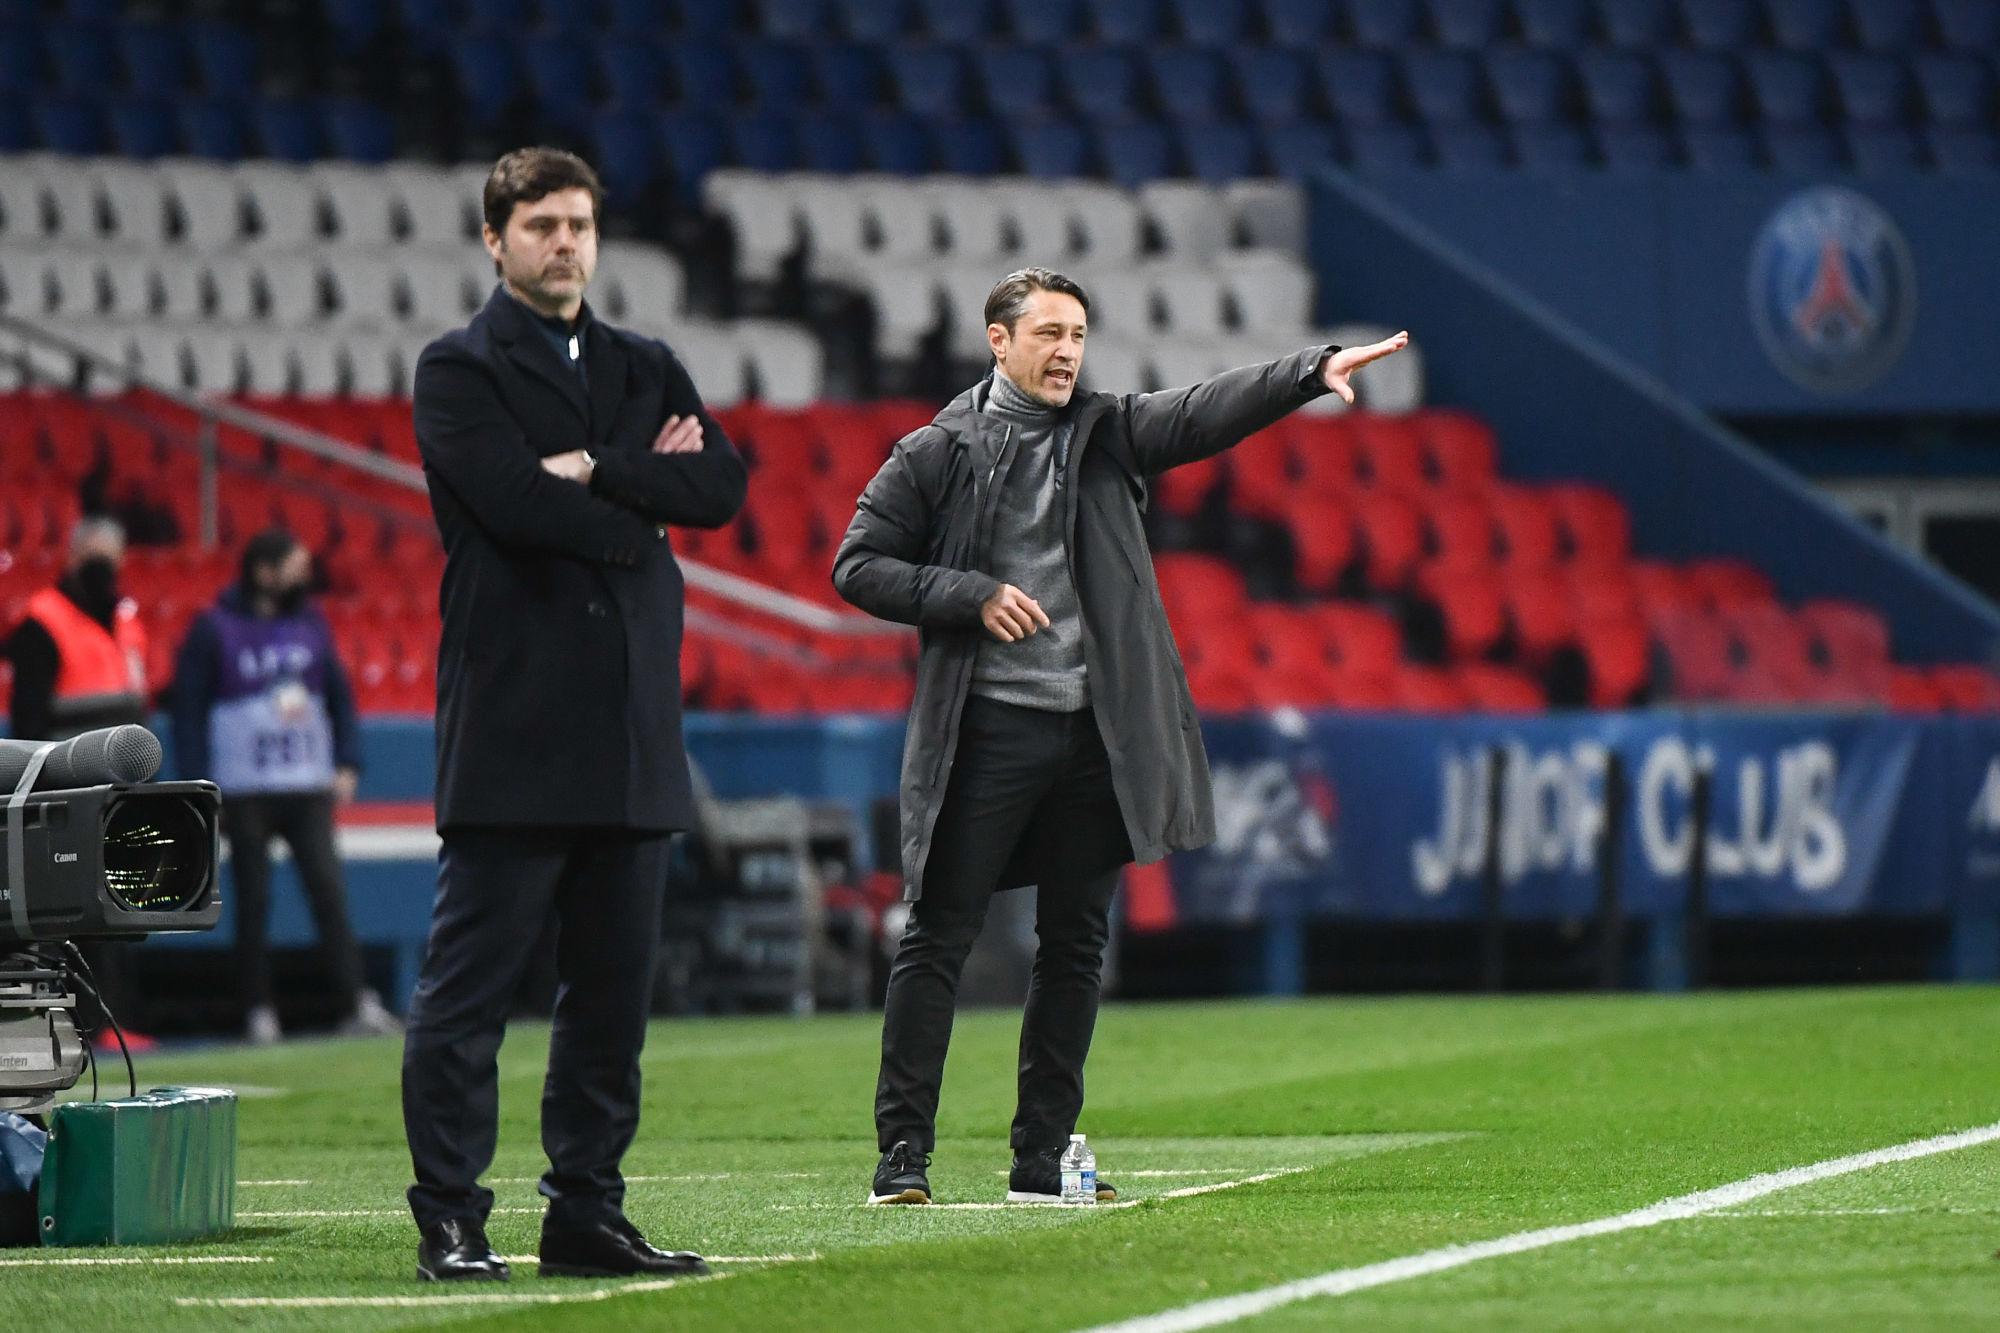 """Monaco/PSG - Kovac """"il faudra jouer à notre maximum...Paris a la pression"""""""